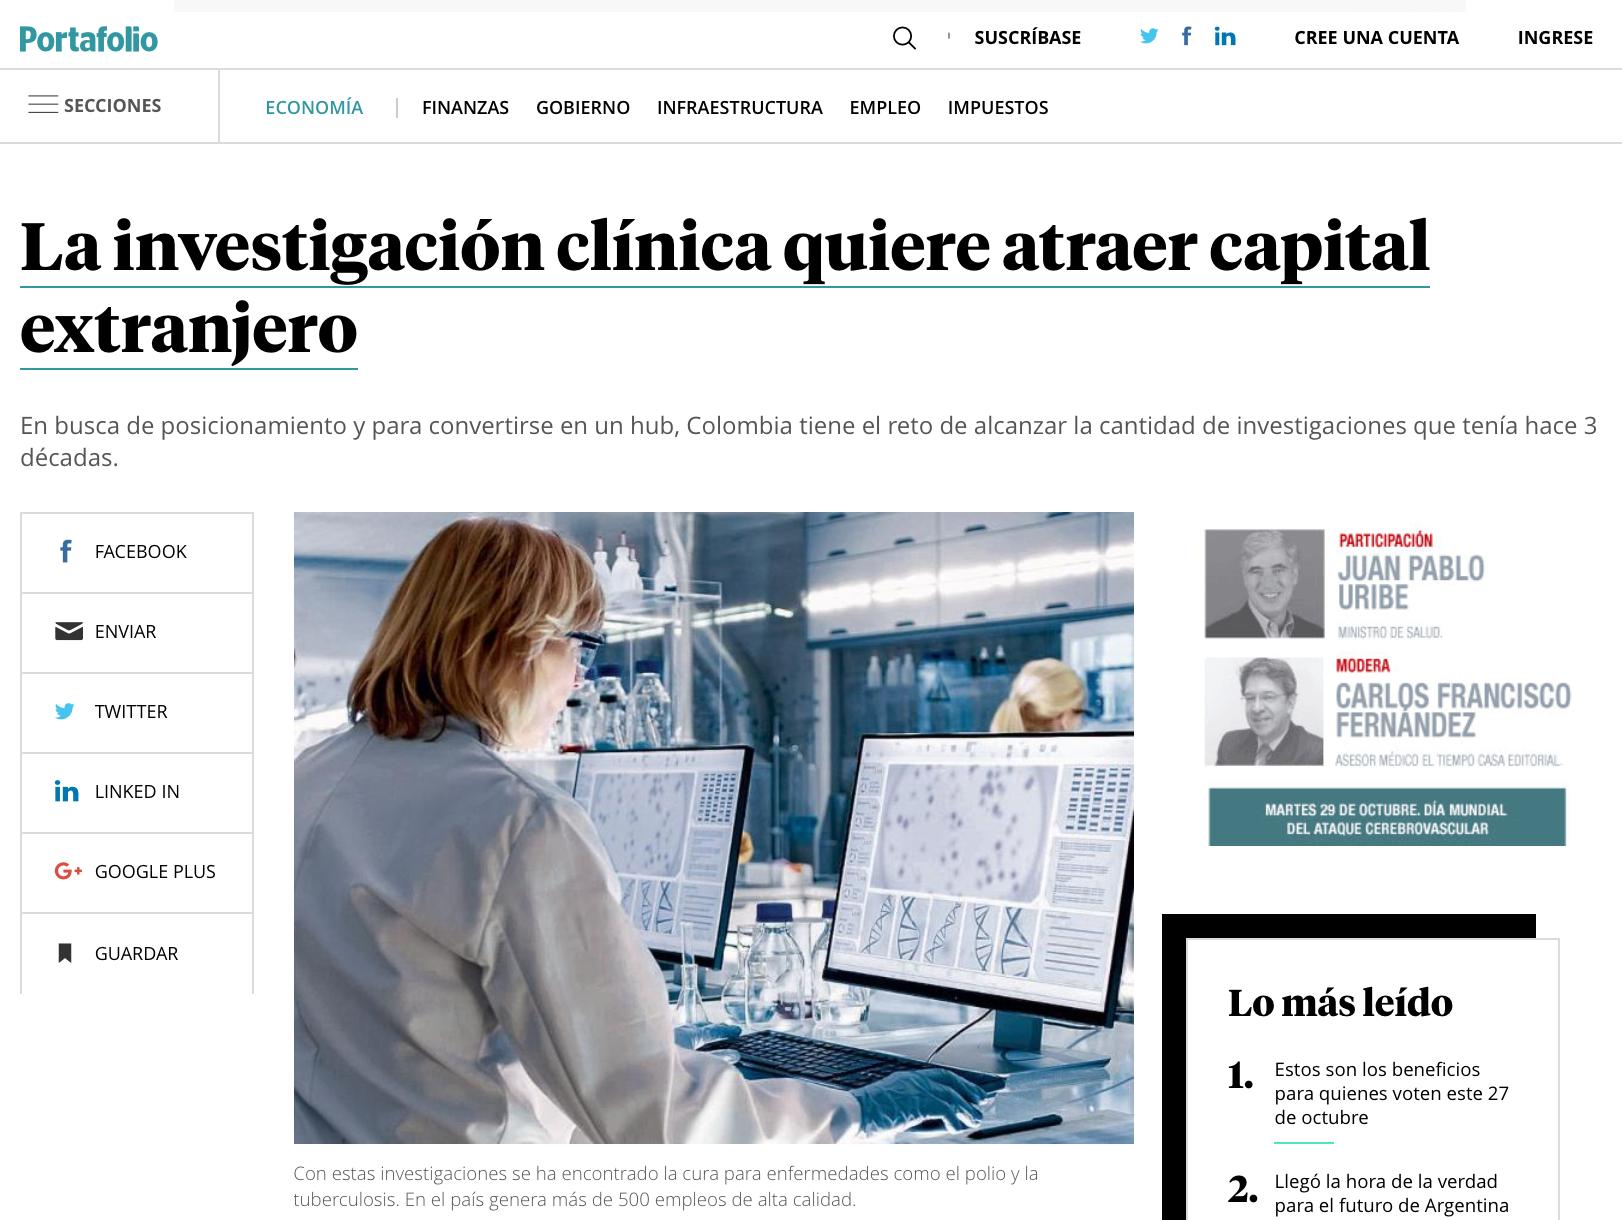 La investigación clínica quiere atraer capital extranjero a Colombia